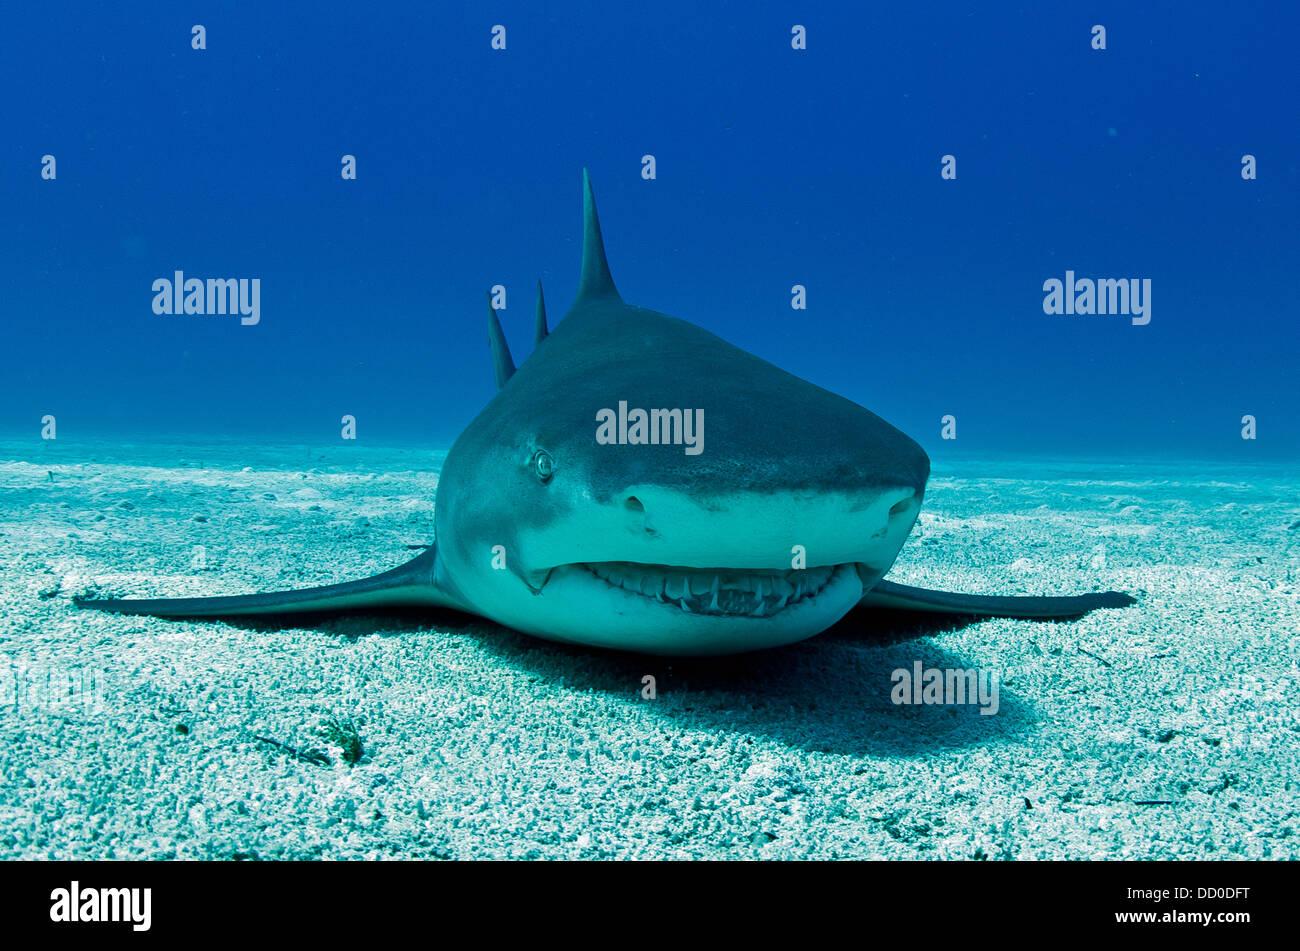 Lemon shark resting in the sand - Stock Image